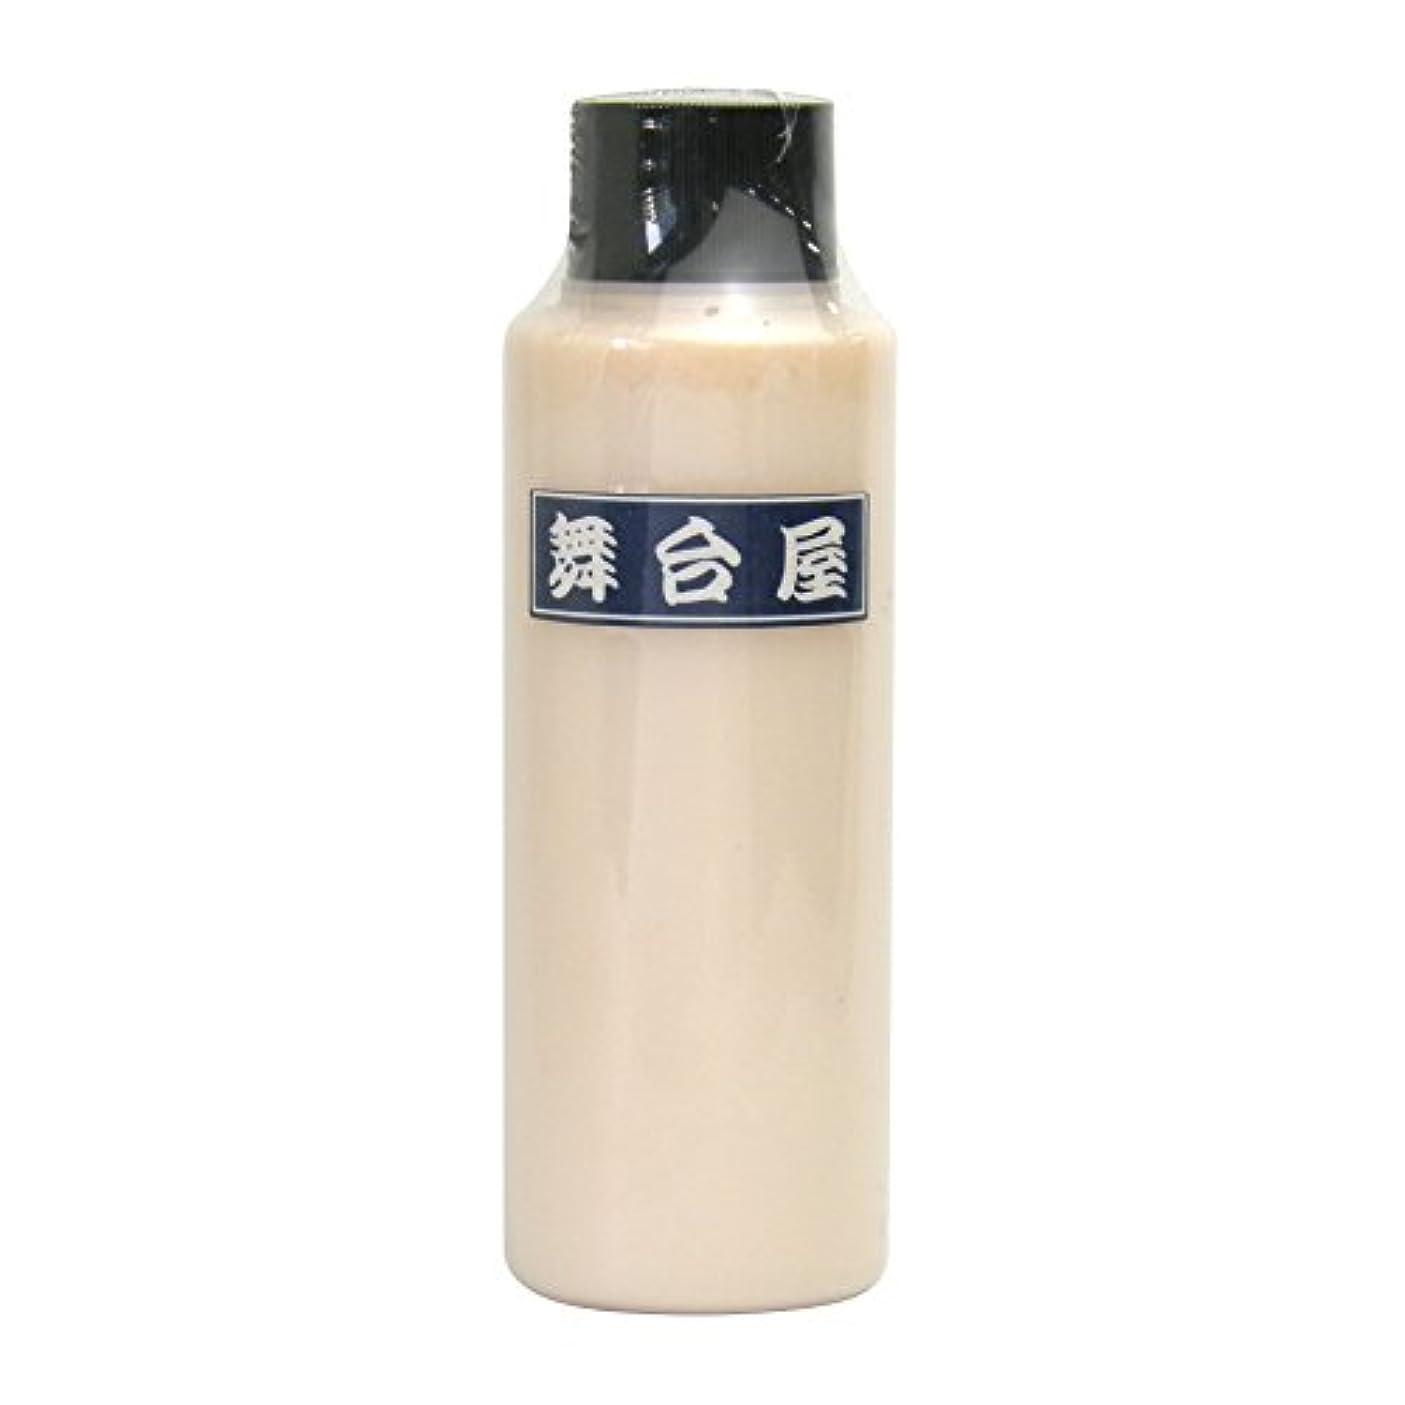 お別れマネージャー策定する舞台屋 水白粉 ピンク-1